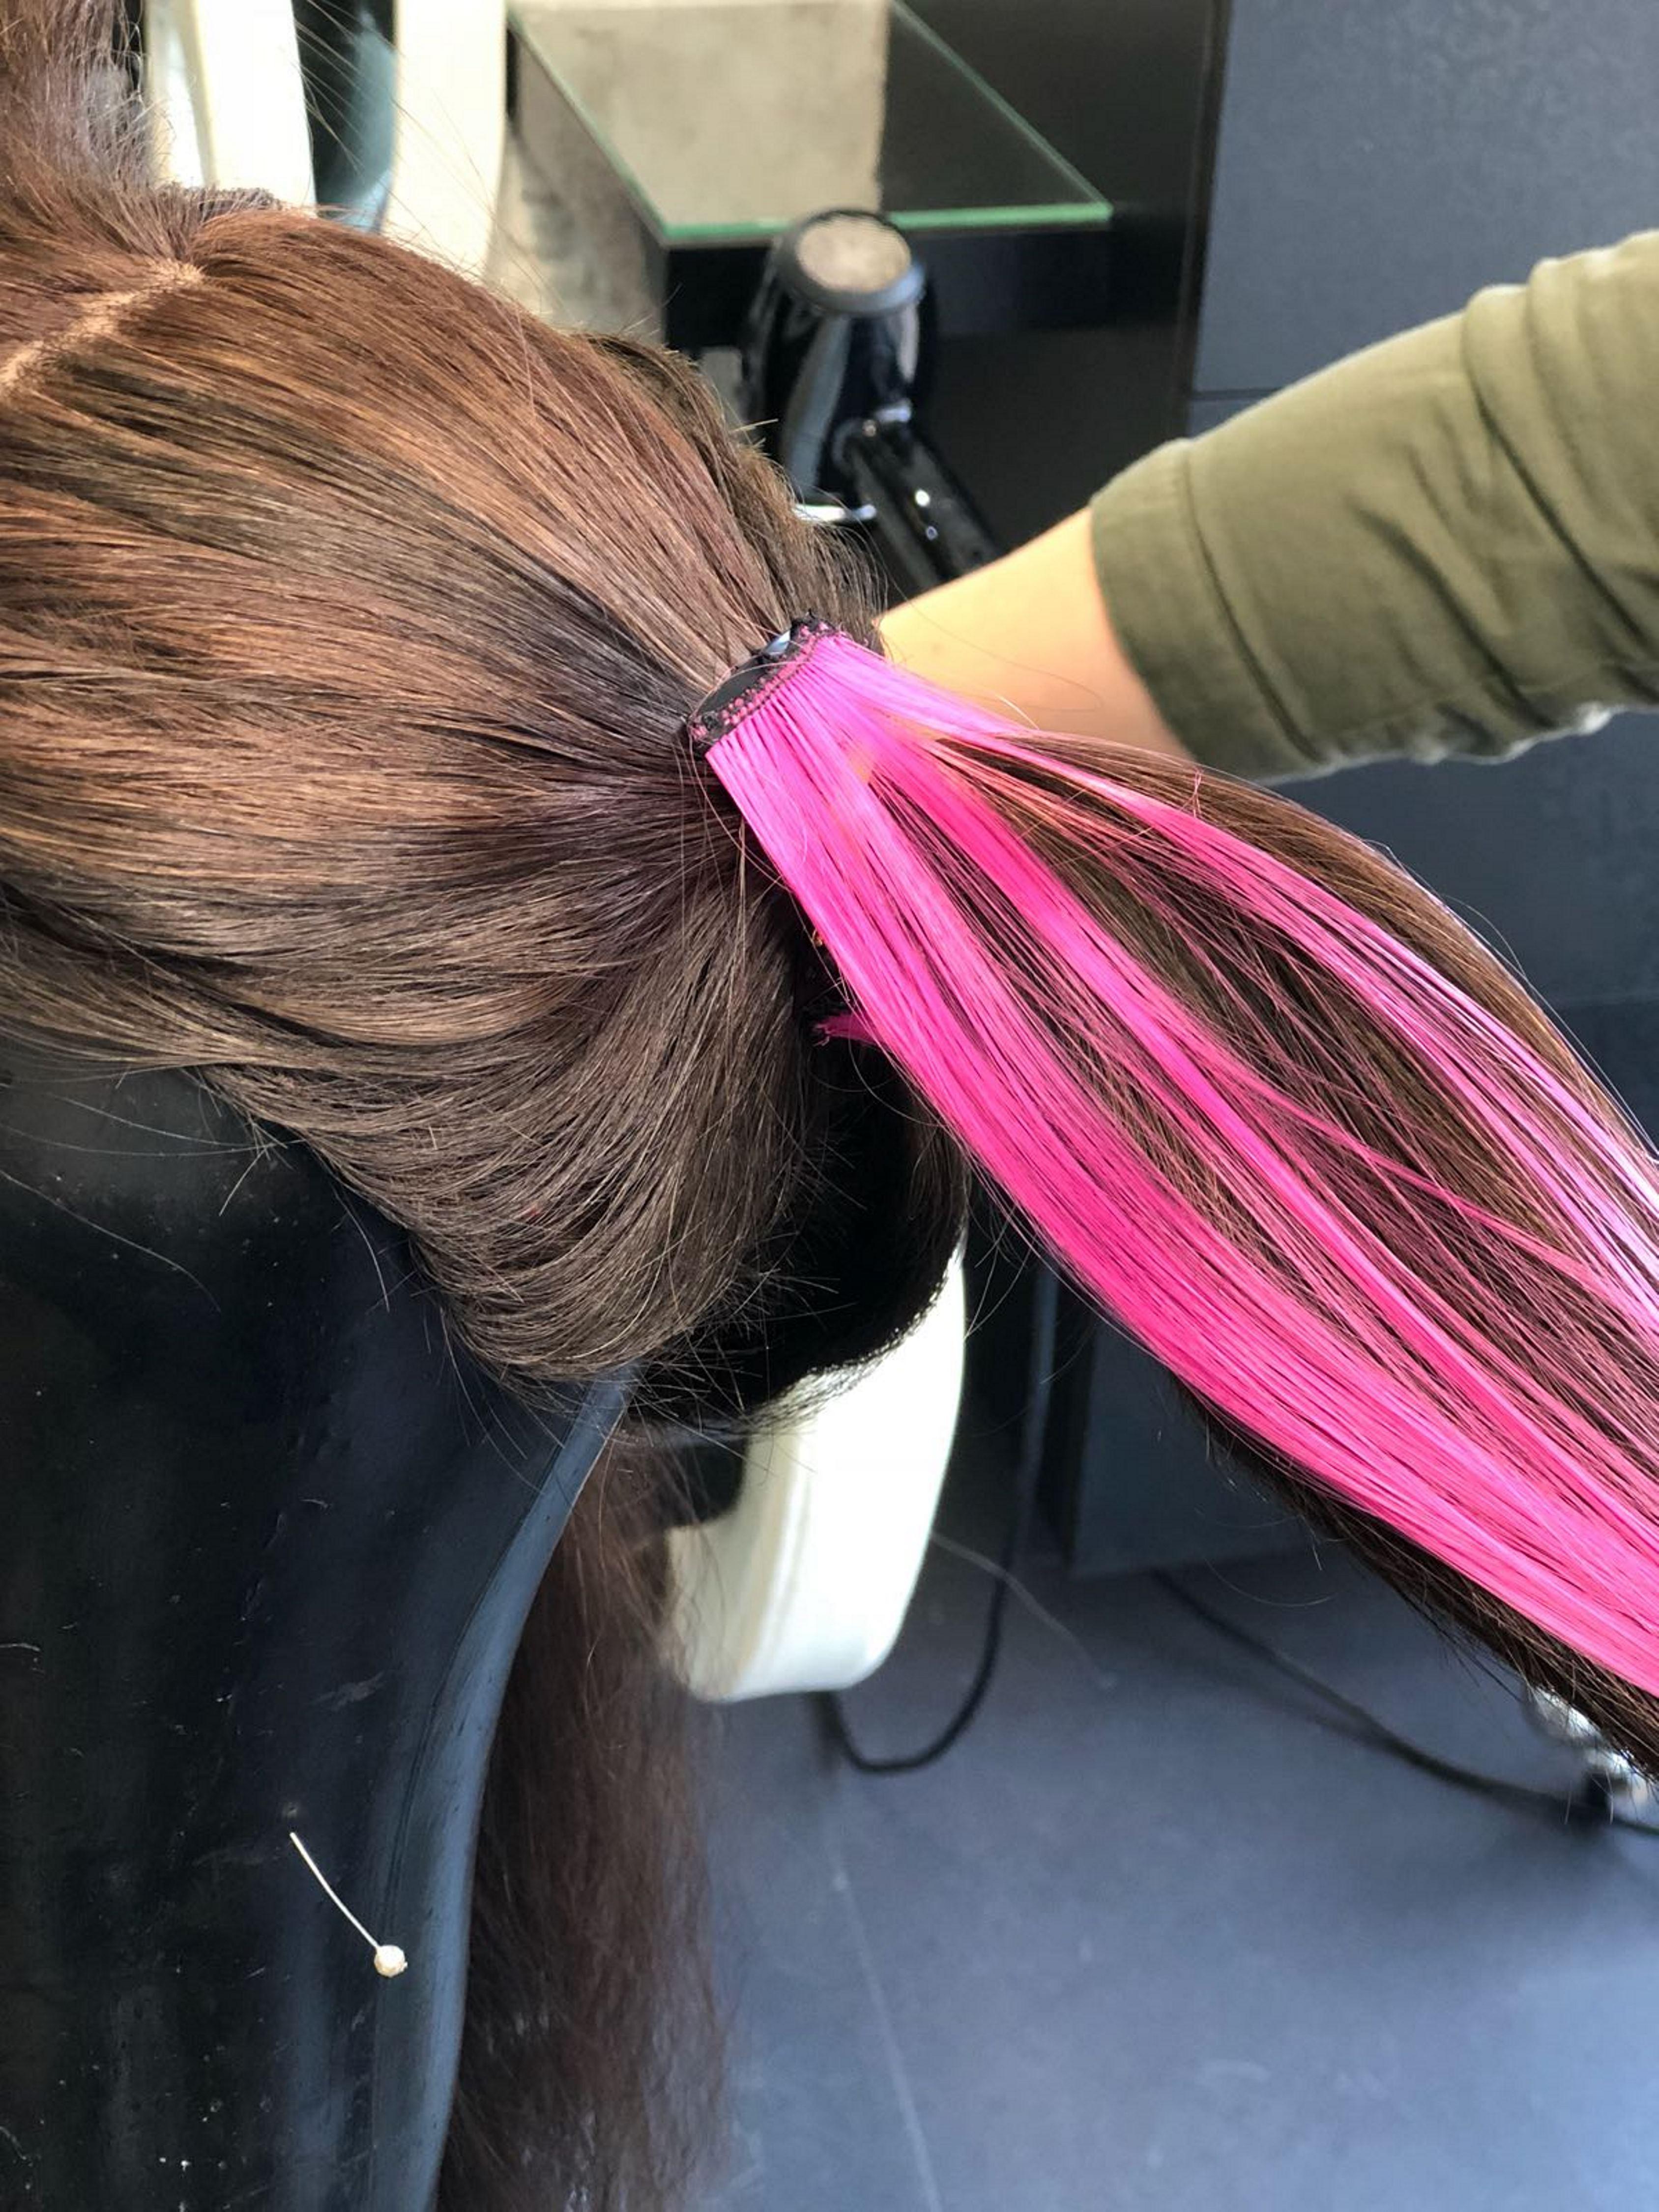 2. מוסיפים תוספת שיער בצורת פס ורוד שנתפס בקליפס